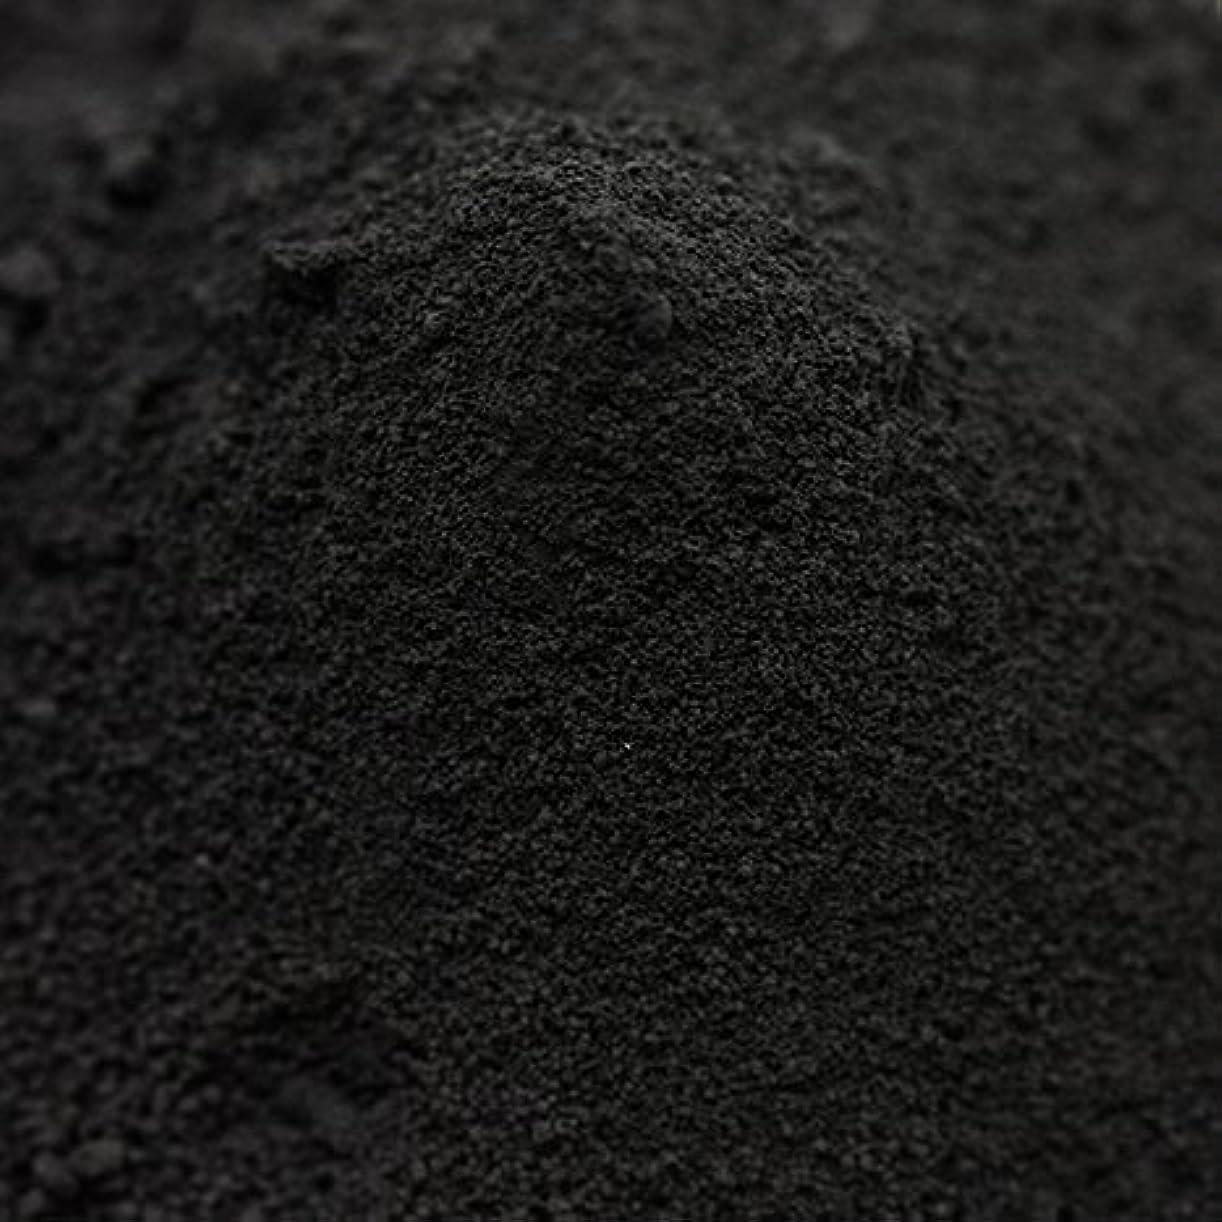 共産主義者いろいろインチ竹炭パウダー(超微粉末) 20g 【手作り石鹸/手作りコスメに】